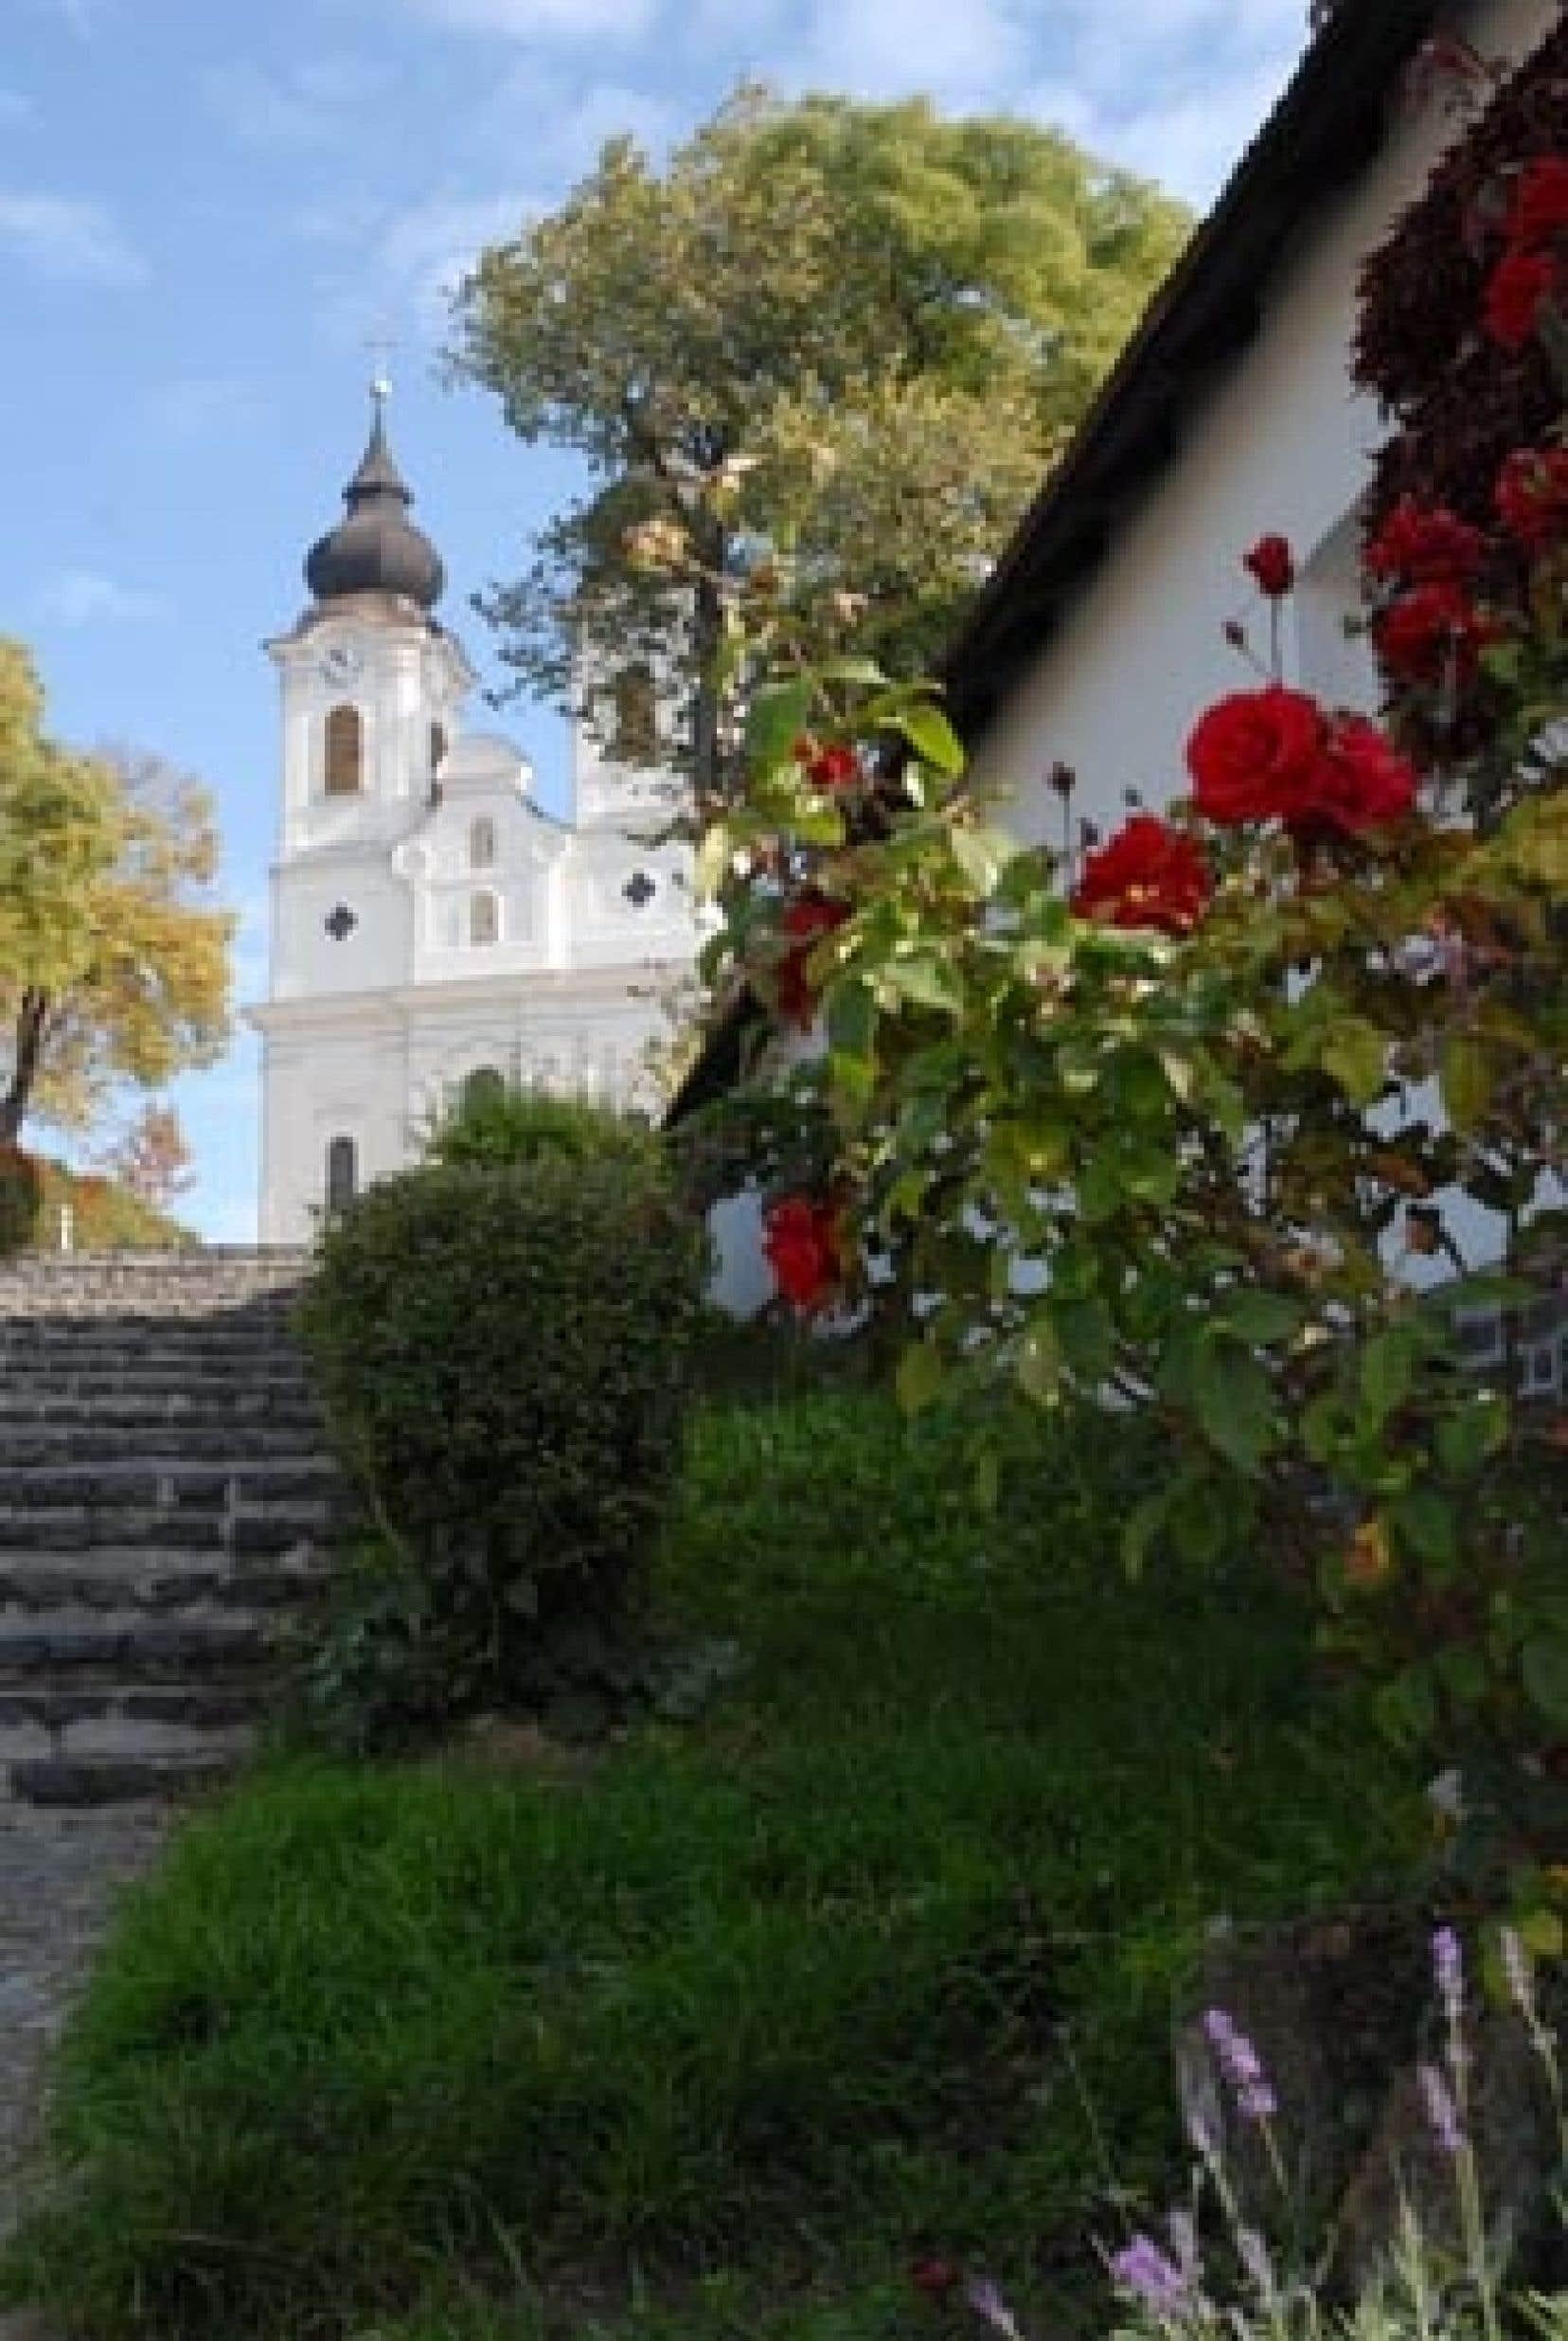 L'église abbatiale de Tihany, qui domine le lac Balaton, est construite sur une crypte qui date de 1055. Photo du haut: en Hongrie, les traditions perdurent, notamment à travers la richesse de l'artisanat.